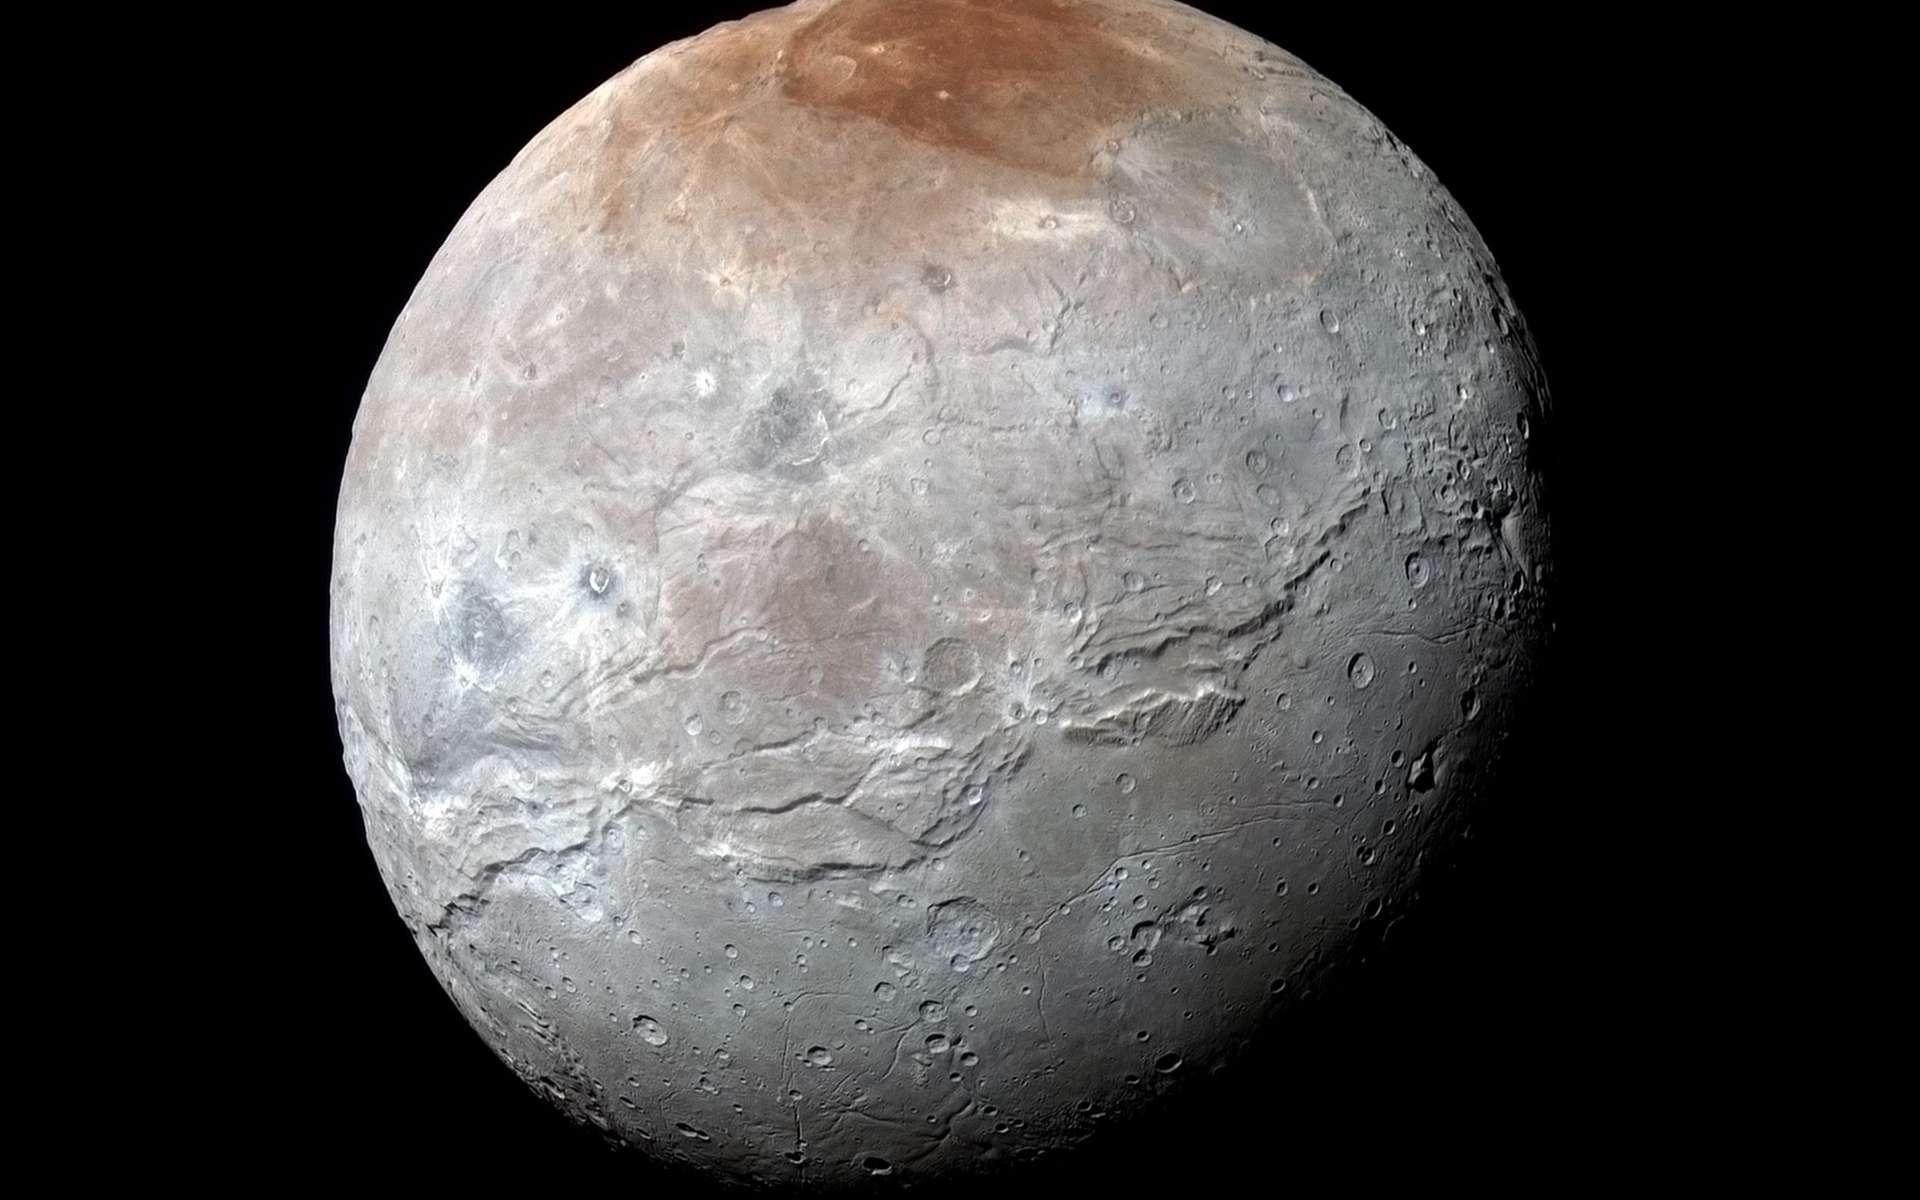 Charon, le « nocher des Enfers », le passeur du fleuve Styx, photographié par New Horizons le 14 juillet 2015, juste avant le survol de Pluton. Les images prises à travers les filtres infrarouge, rouge et bleu de l'instrument Ralph/MVIC révèlent les différentes compositions des terrains. La région du pôle nord a été baptisée Mordor Macula. La longue faille qui parcourt l'astre sur plus de 1.800 km le long de son équateur est nommée Serinity Chasma. La résolution est de 2,9 km par pixel. © Nasa, JHUAPL, SwRI